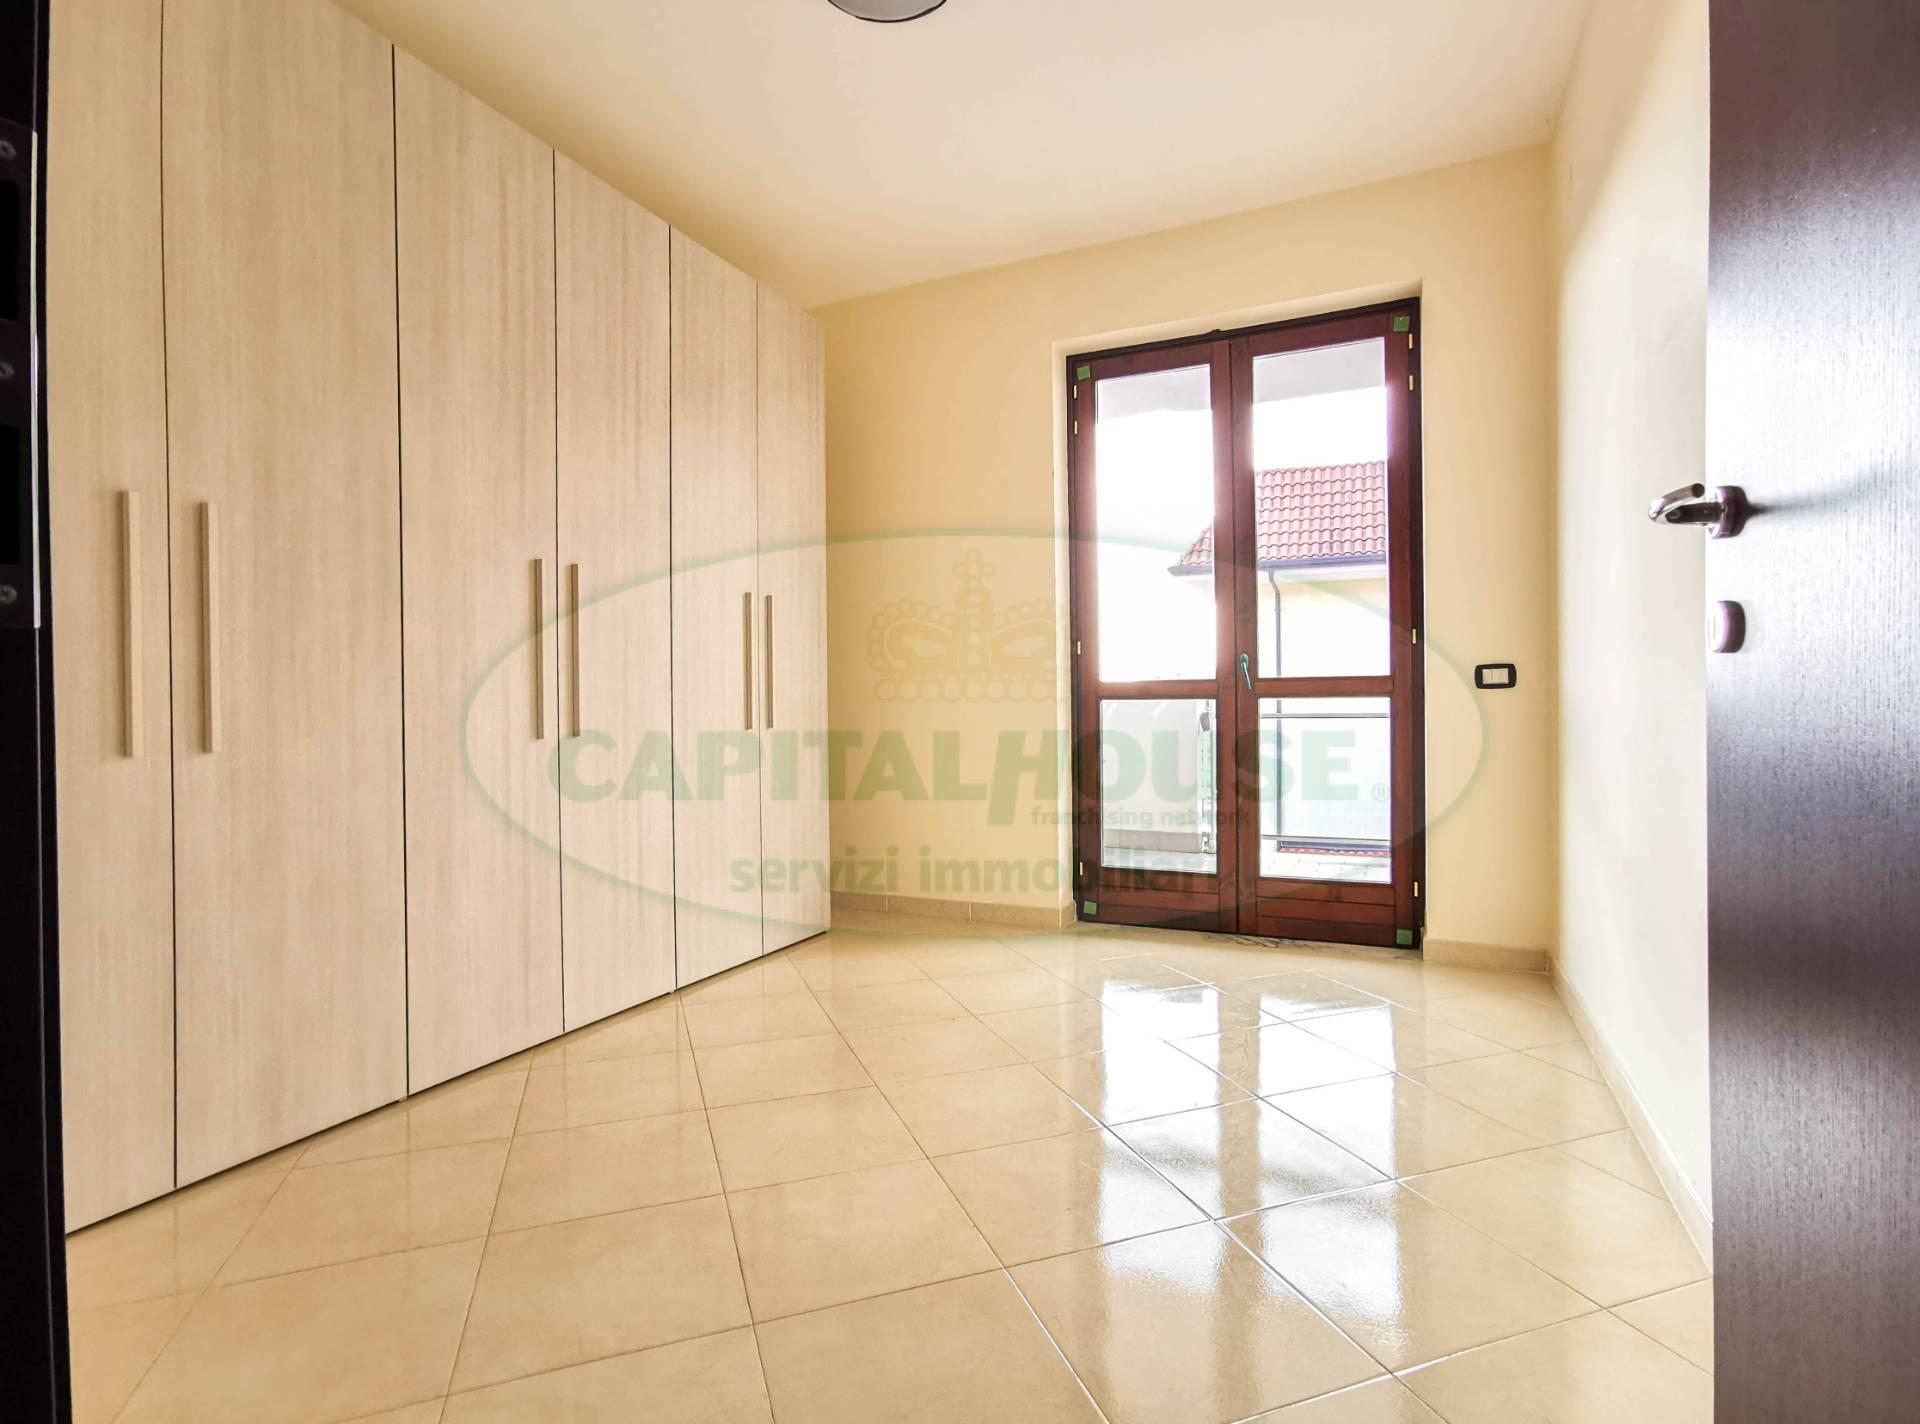 Appartamento in vendita a San Tammaro, 4 locali, prezzo € 145.000 | PortaleAgenzieImmobiliari.it